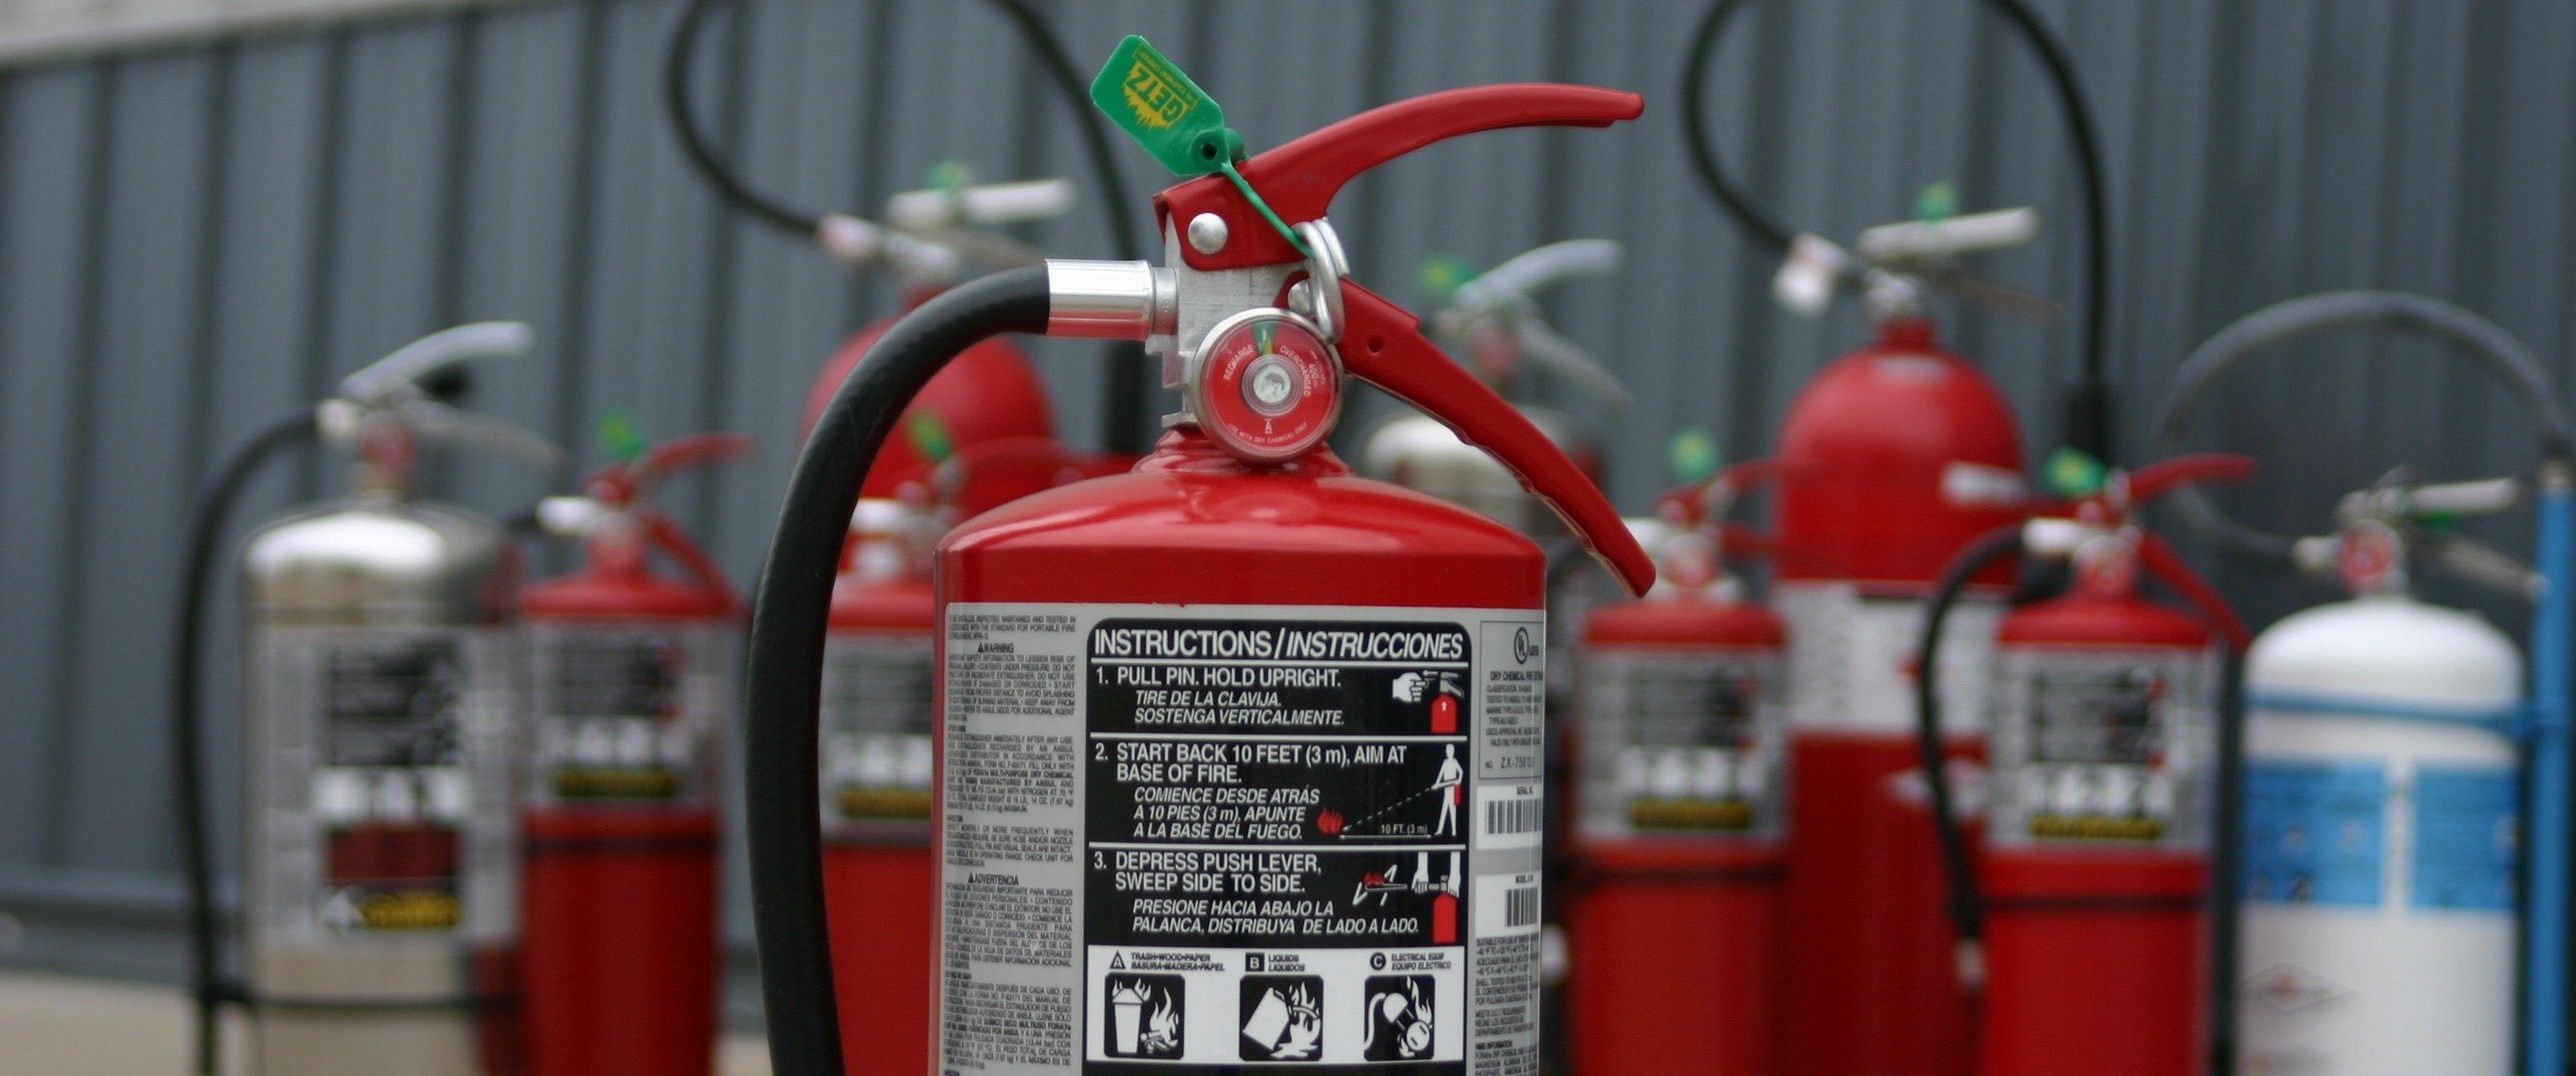 Agentura požární ochrany staveb